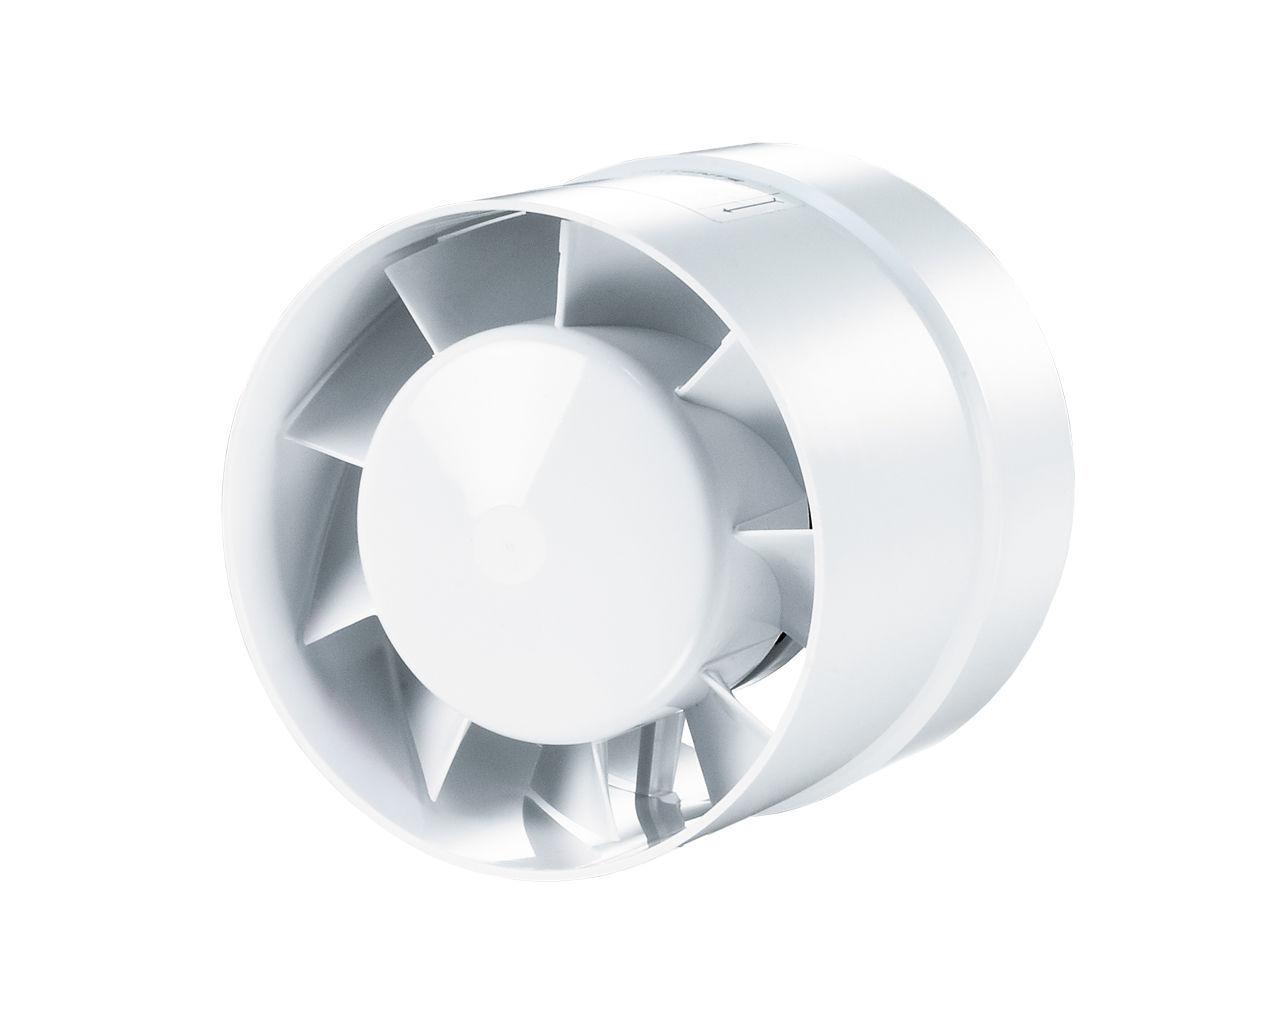 Вентиляторы Вентилятор ВЕНТС 150 ВКО Вентилятор_ВЕНТС_100_ВКО.jpeg